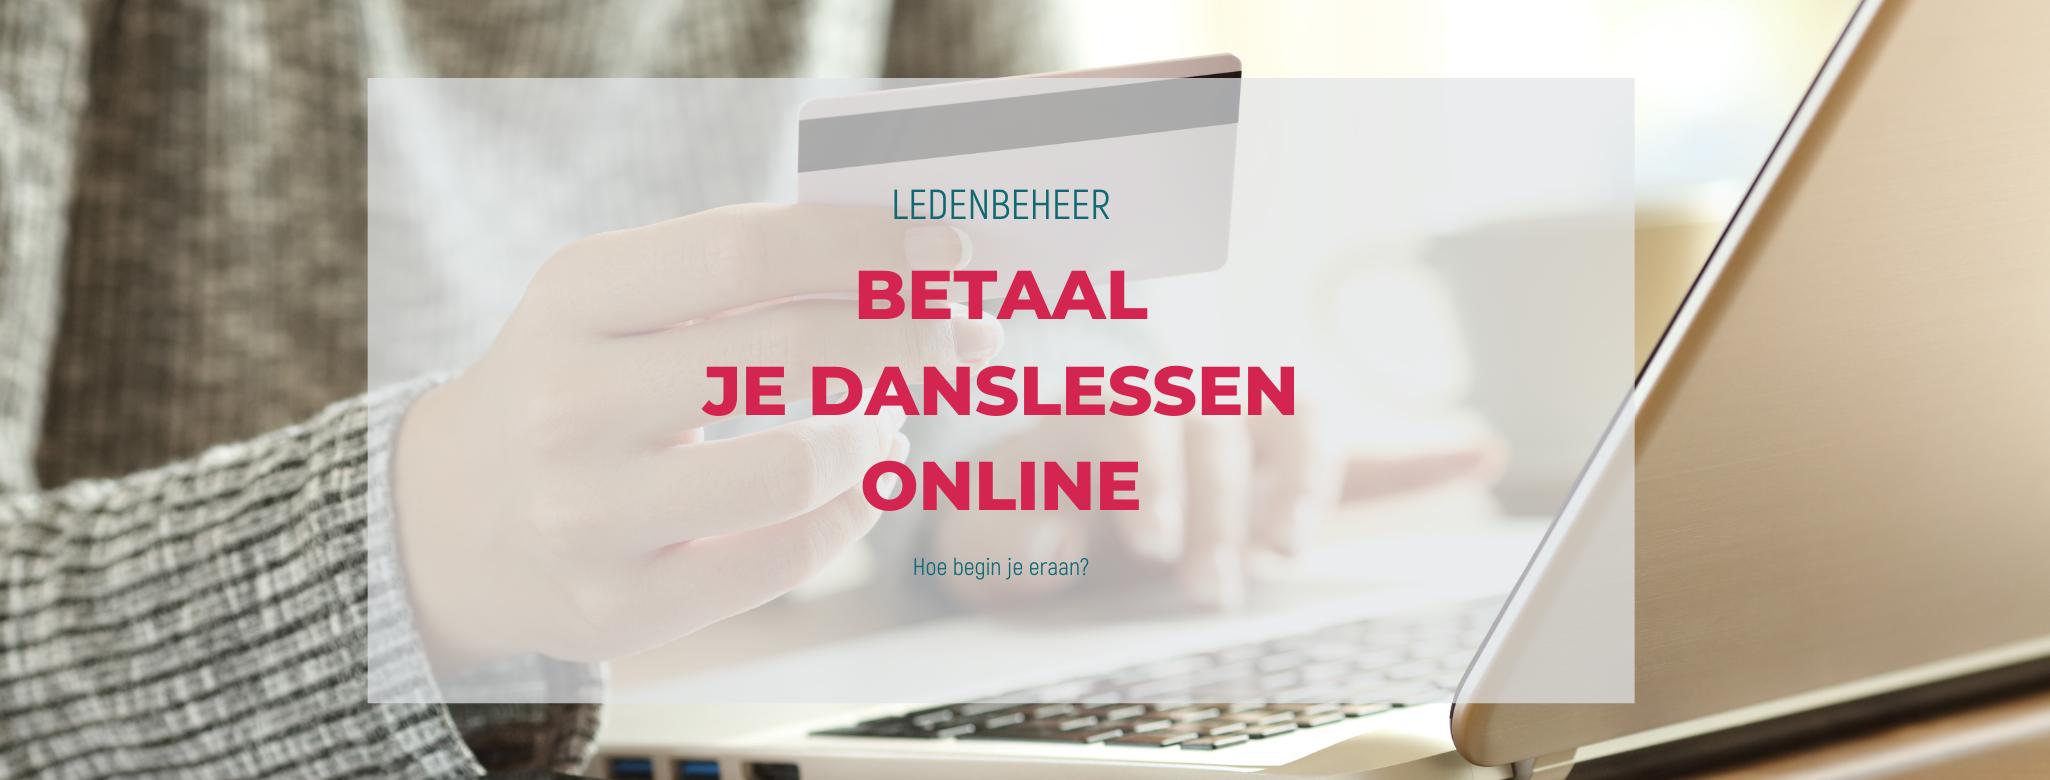 Ledenbeheer: Online betalen